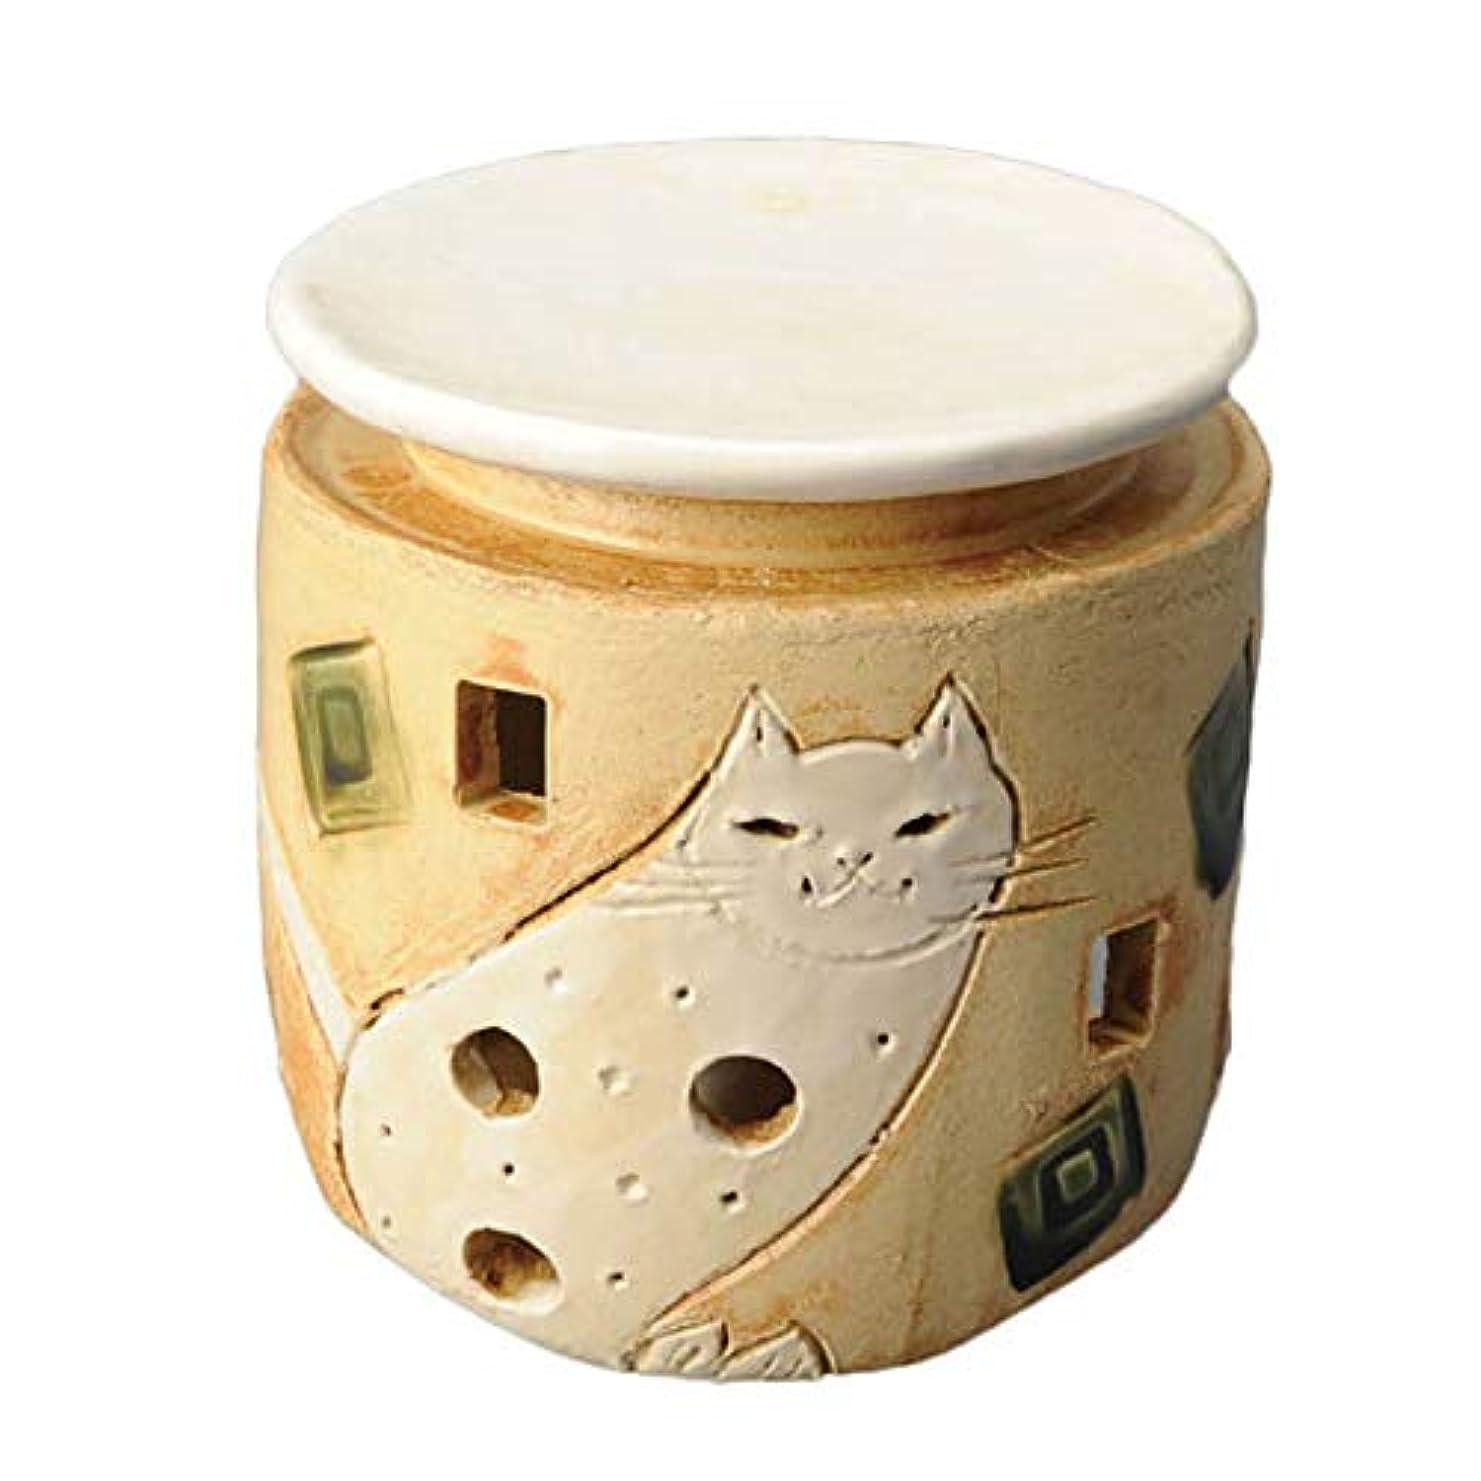 非難する金銭的エンゲージメント手造り 茶香炉/白猫 茶香炉/アロマ 癒やし リラックス インテリア 間接照明